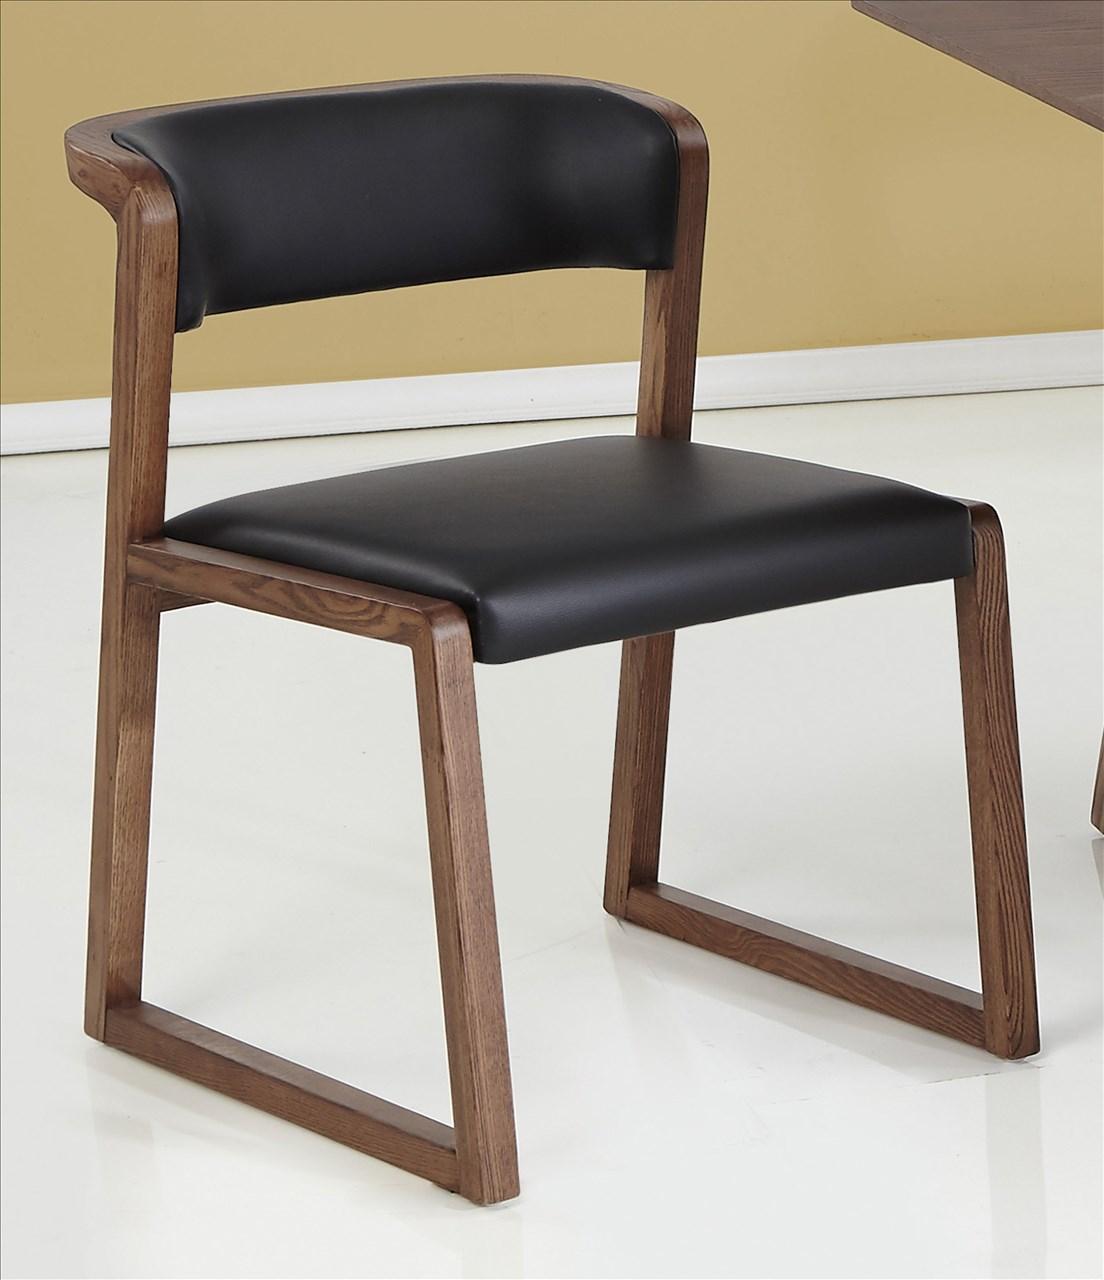 【石川家居】GD-603-2 舒適餐椅無扶手-單只 (不含其他商品) 台中以北搭配車趟免運